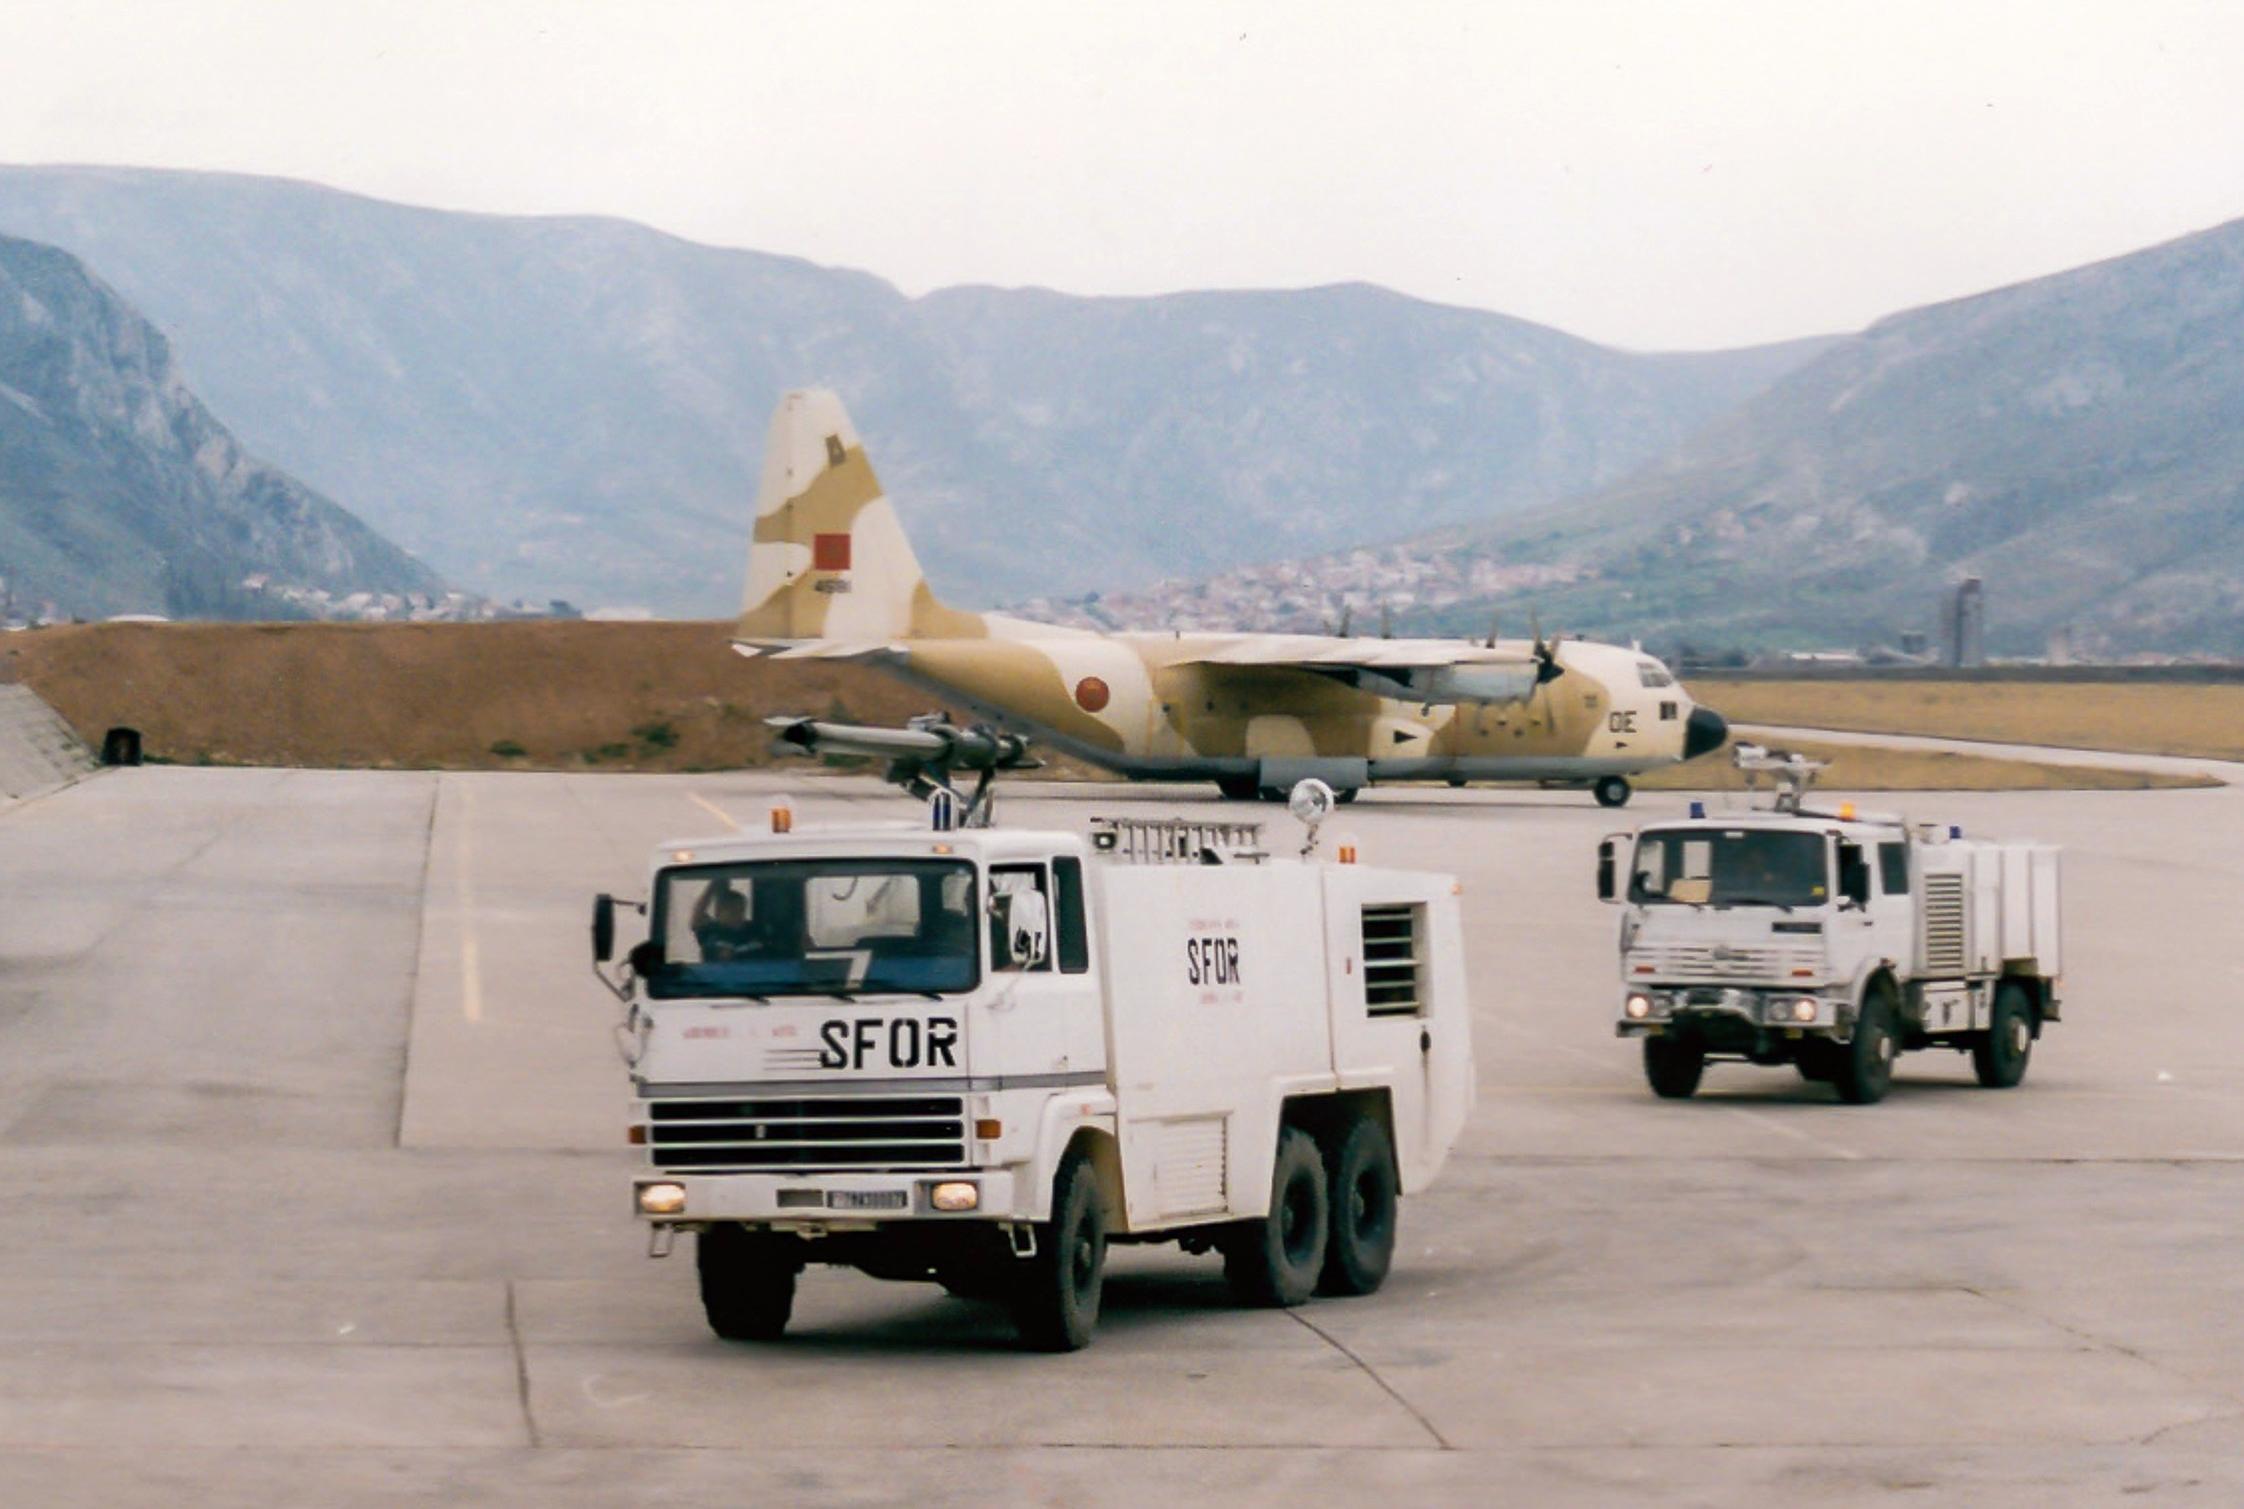 Les F.A.R. en Bosnie  IFOR, SFOR et EUFOR Althea 41102992432_02301c1a24_o